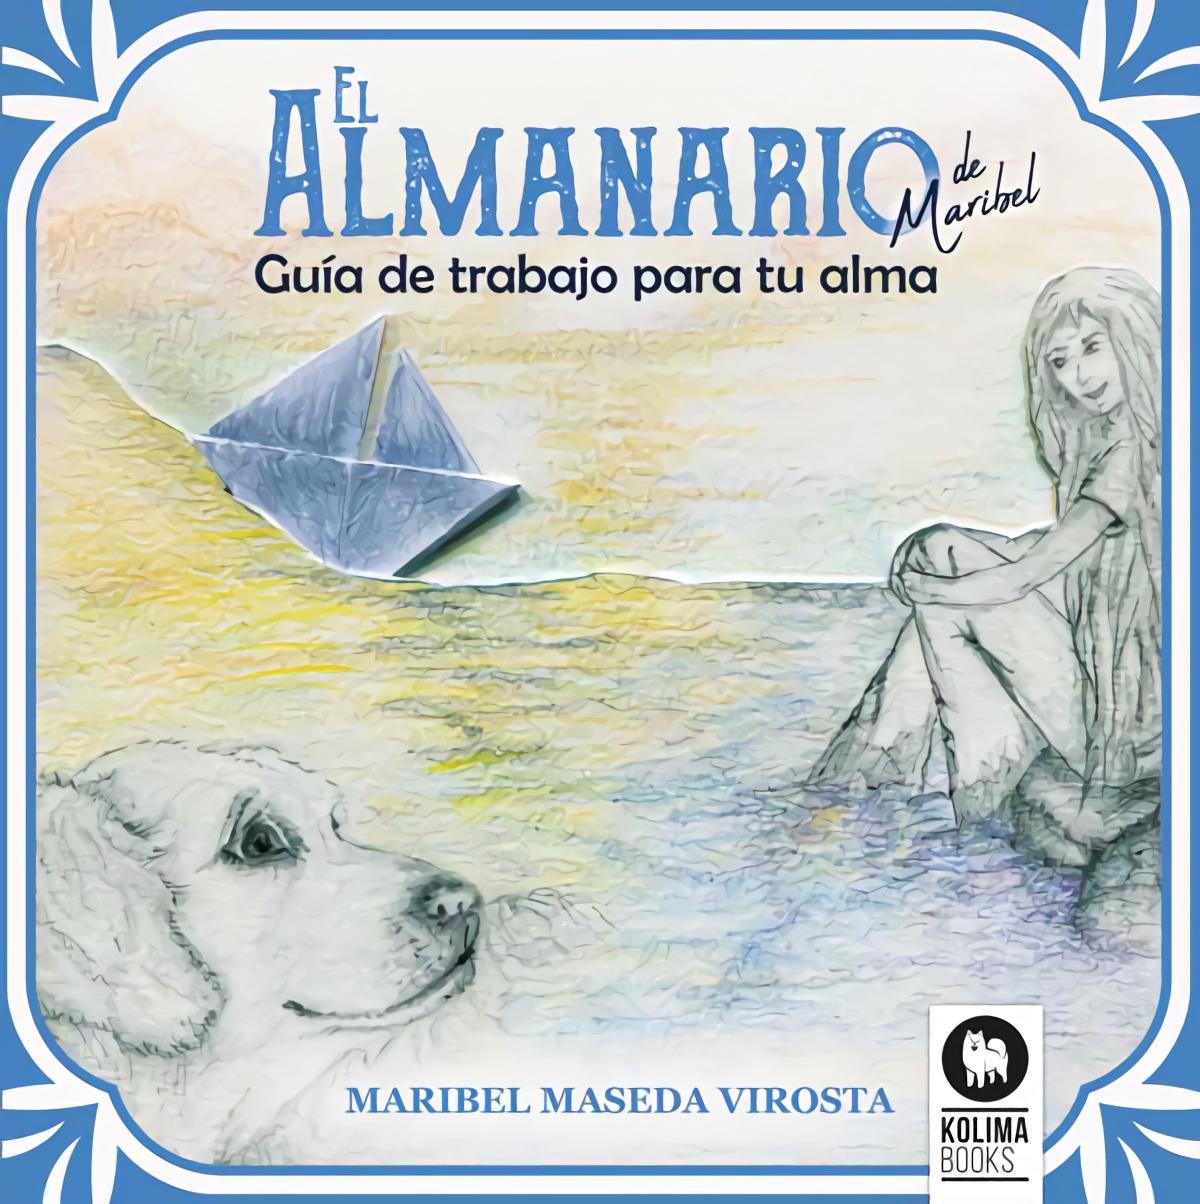 El Almanario de Maribel 9788418263309